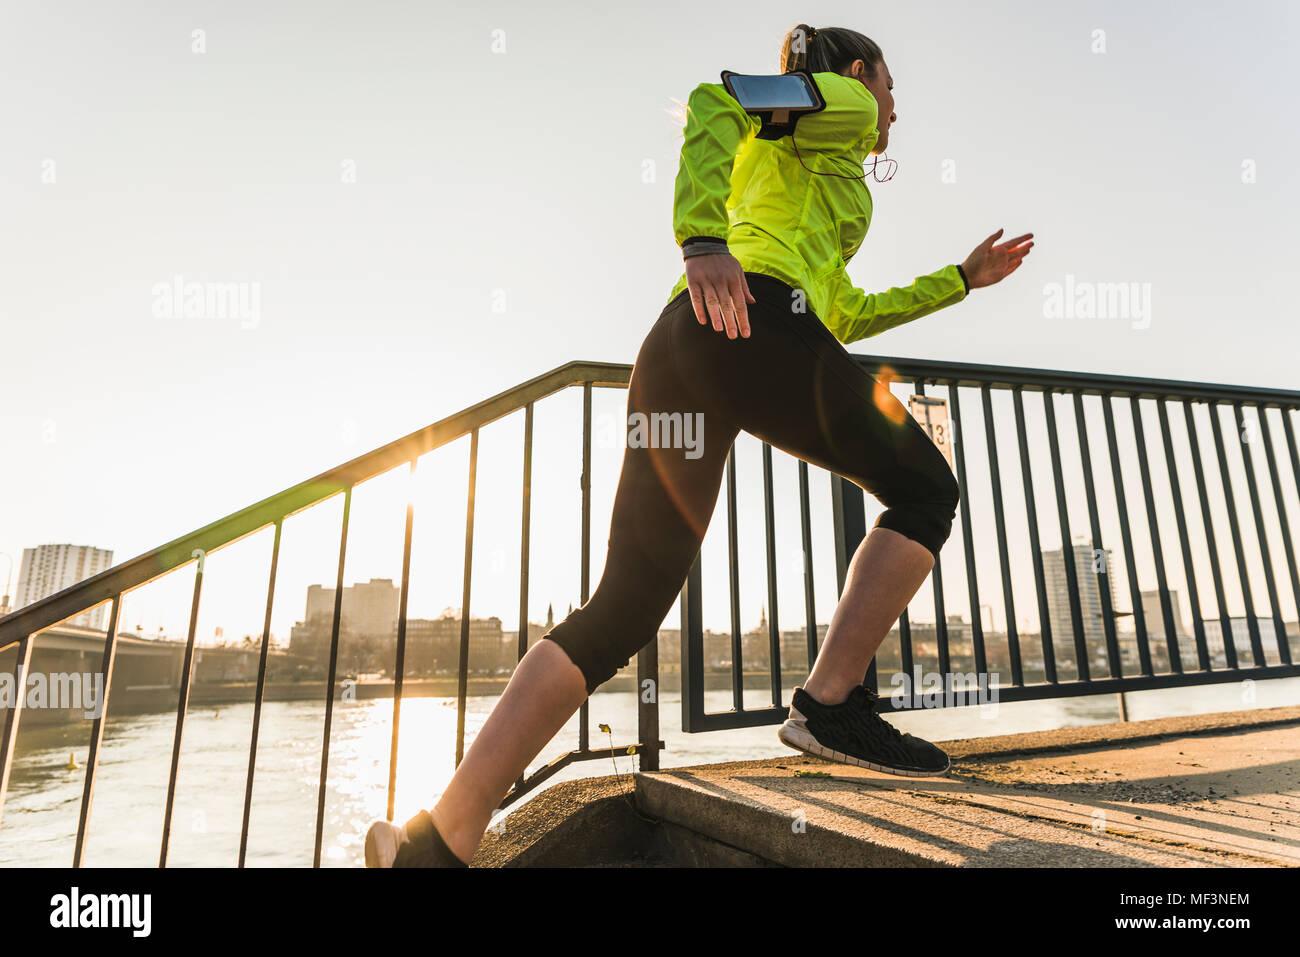 Giovane donna in esecuzione su per le scale in corrispondenza di un fiume Immagini Stock